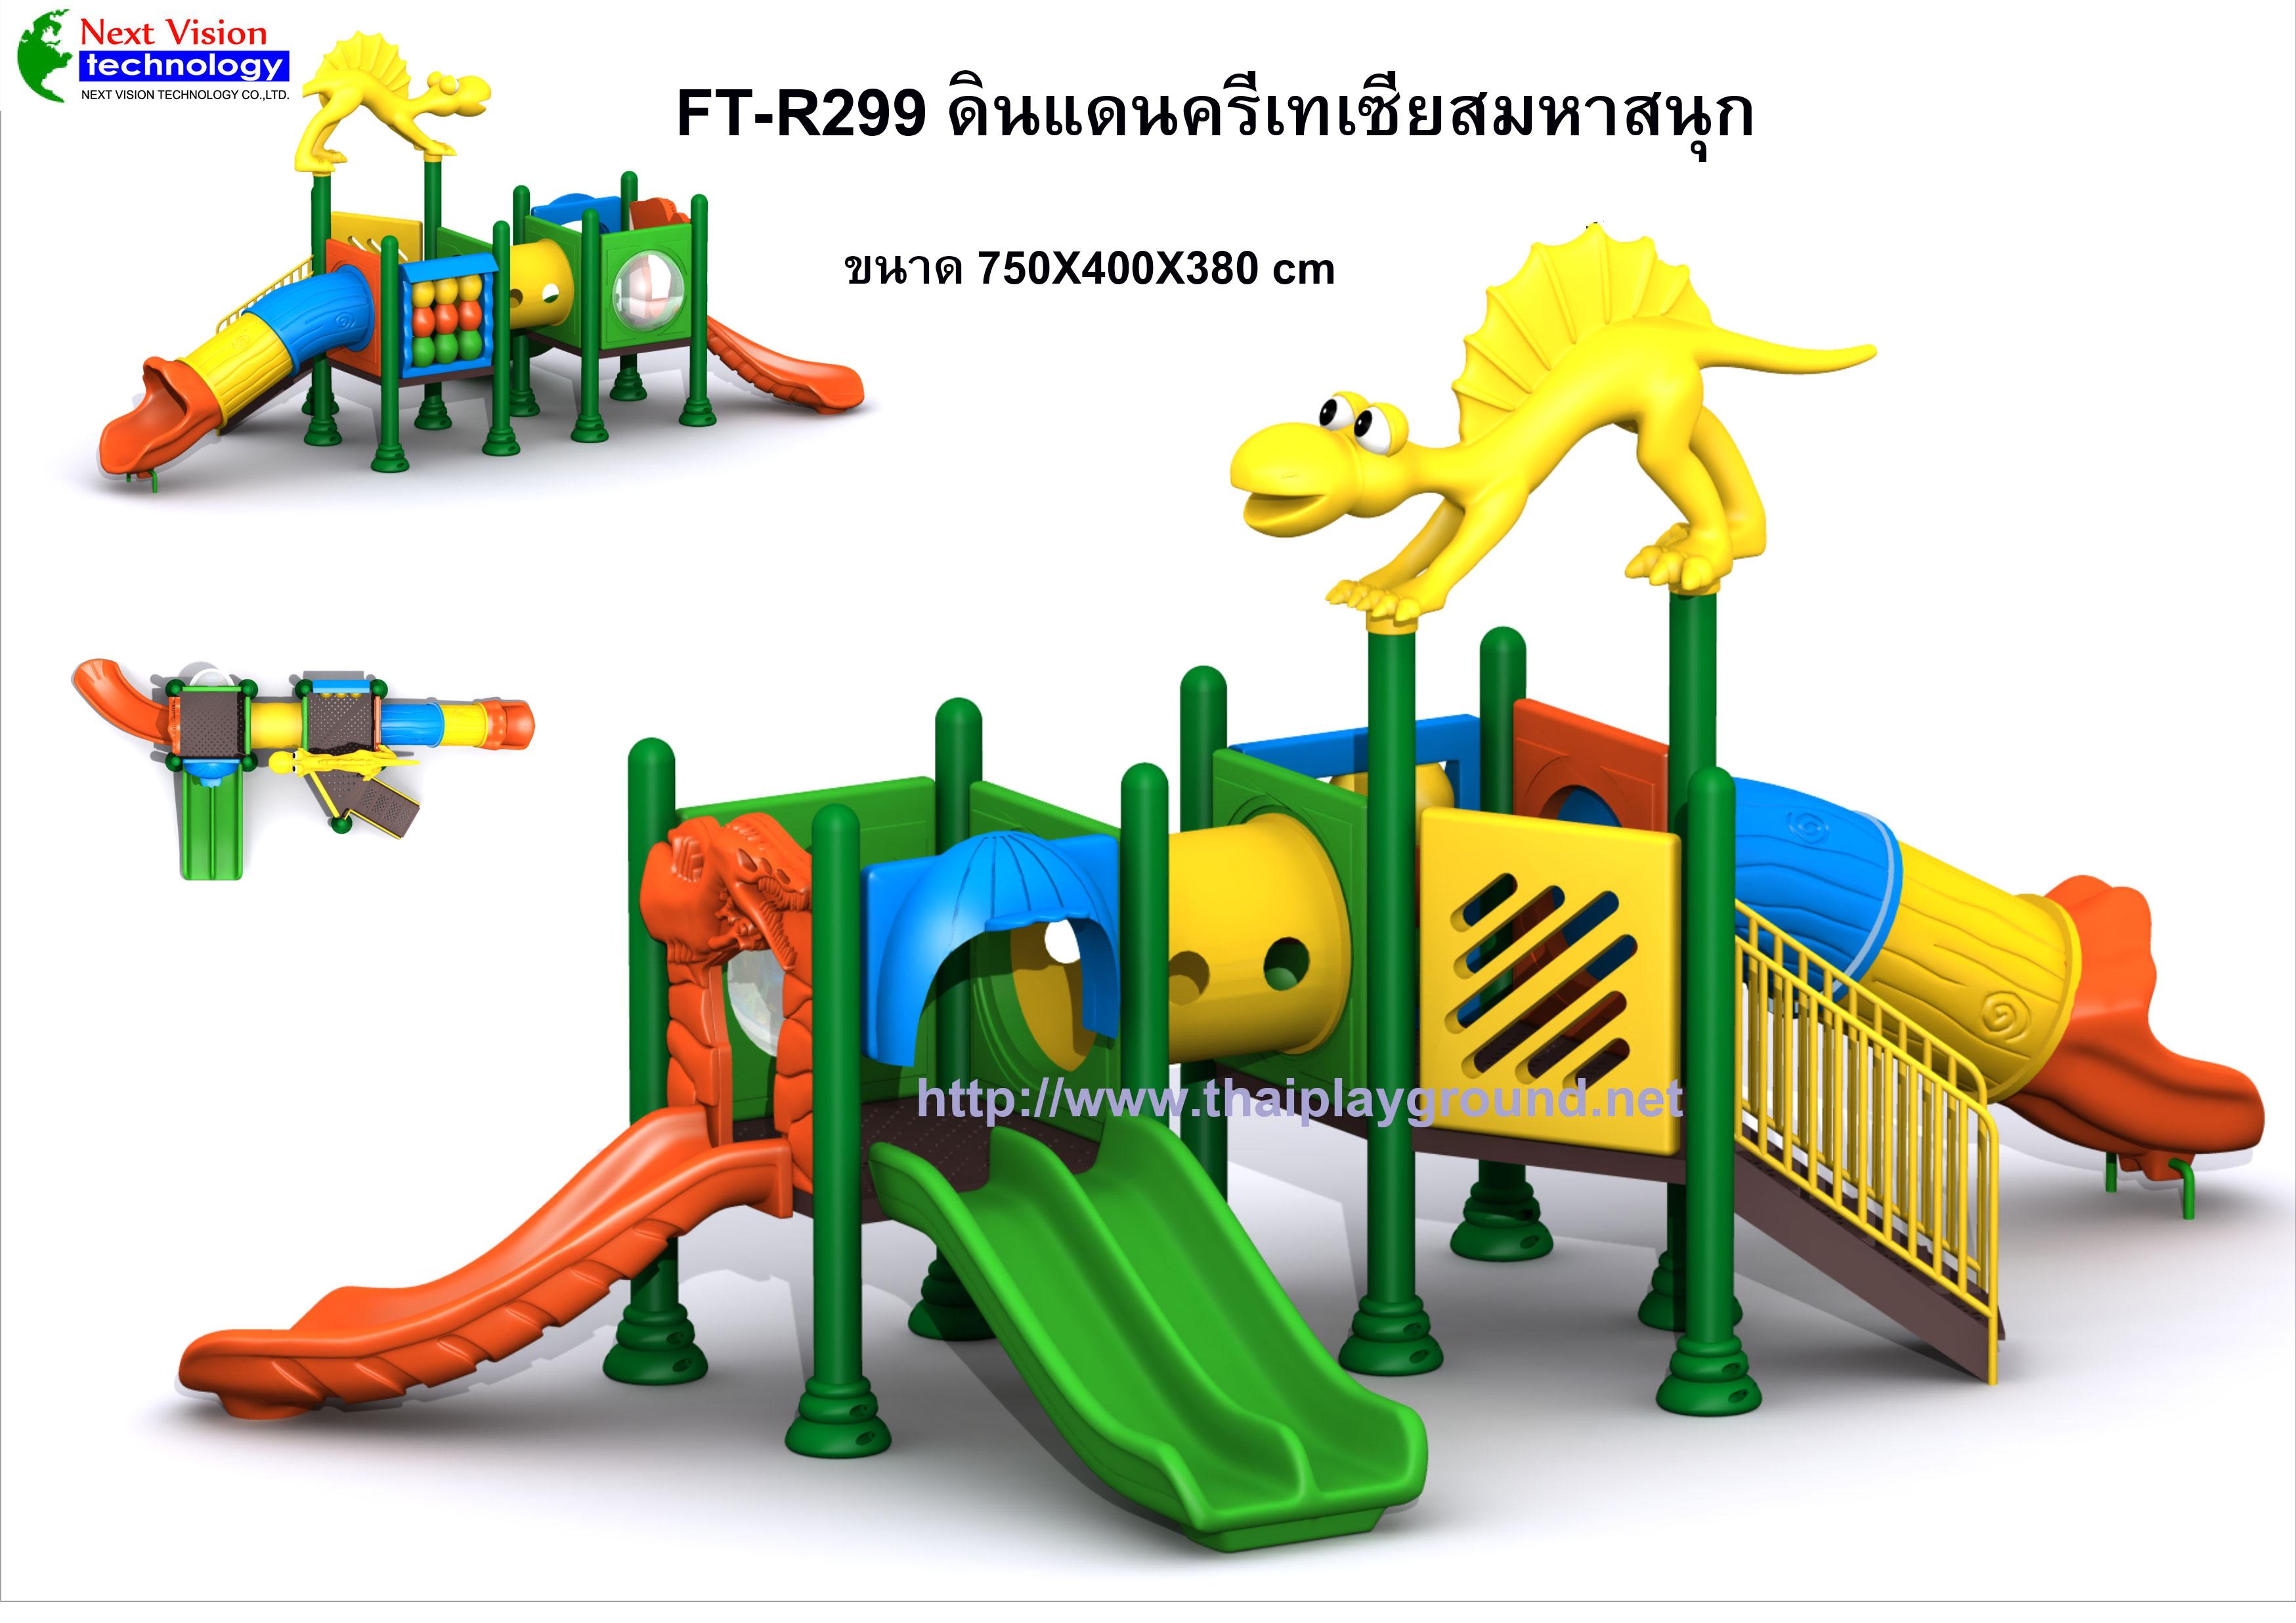 FT-R299 ดินแดนครีเทเซียสมหาสนุก